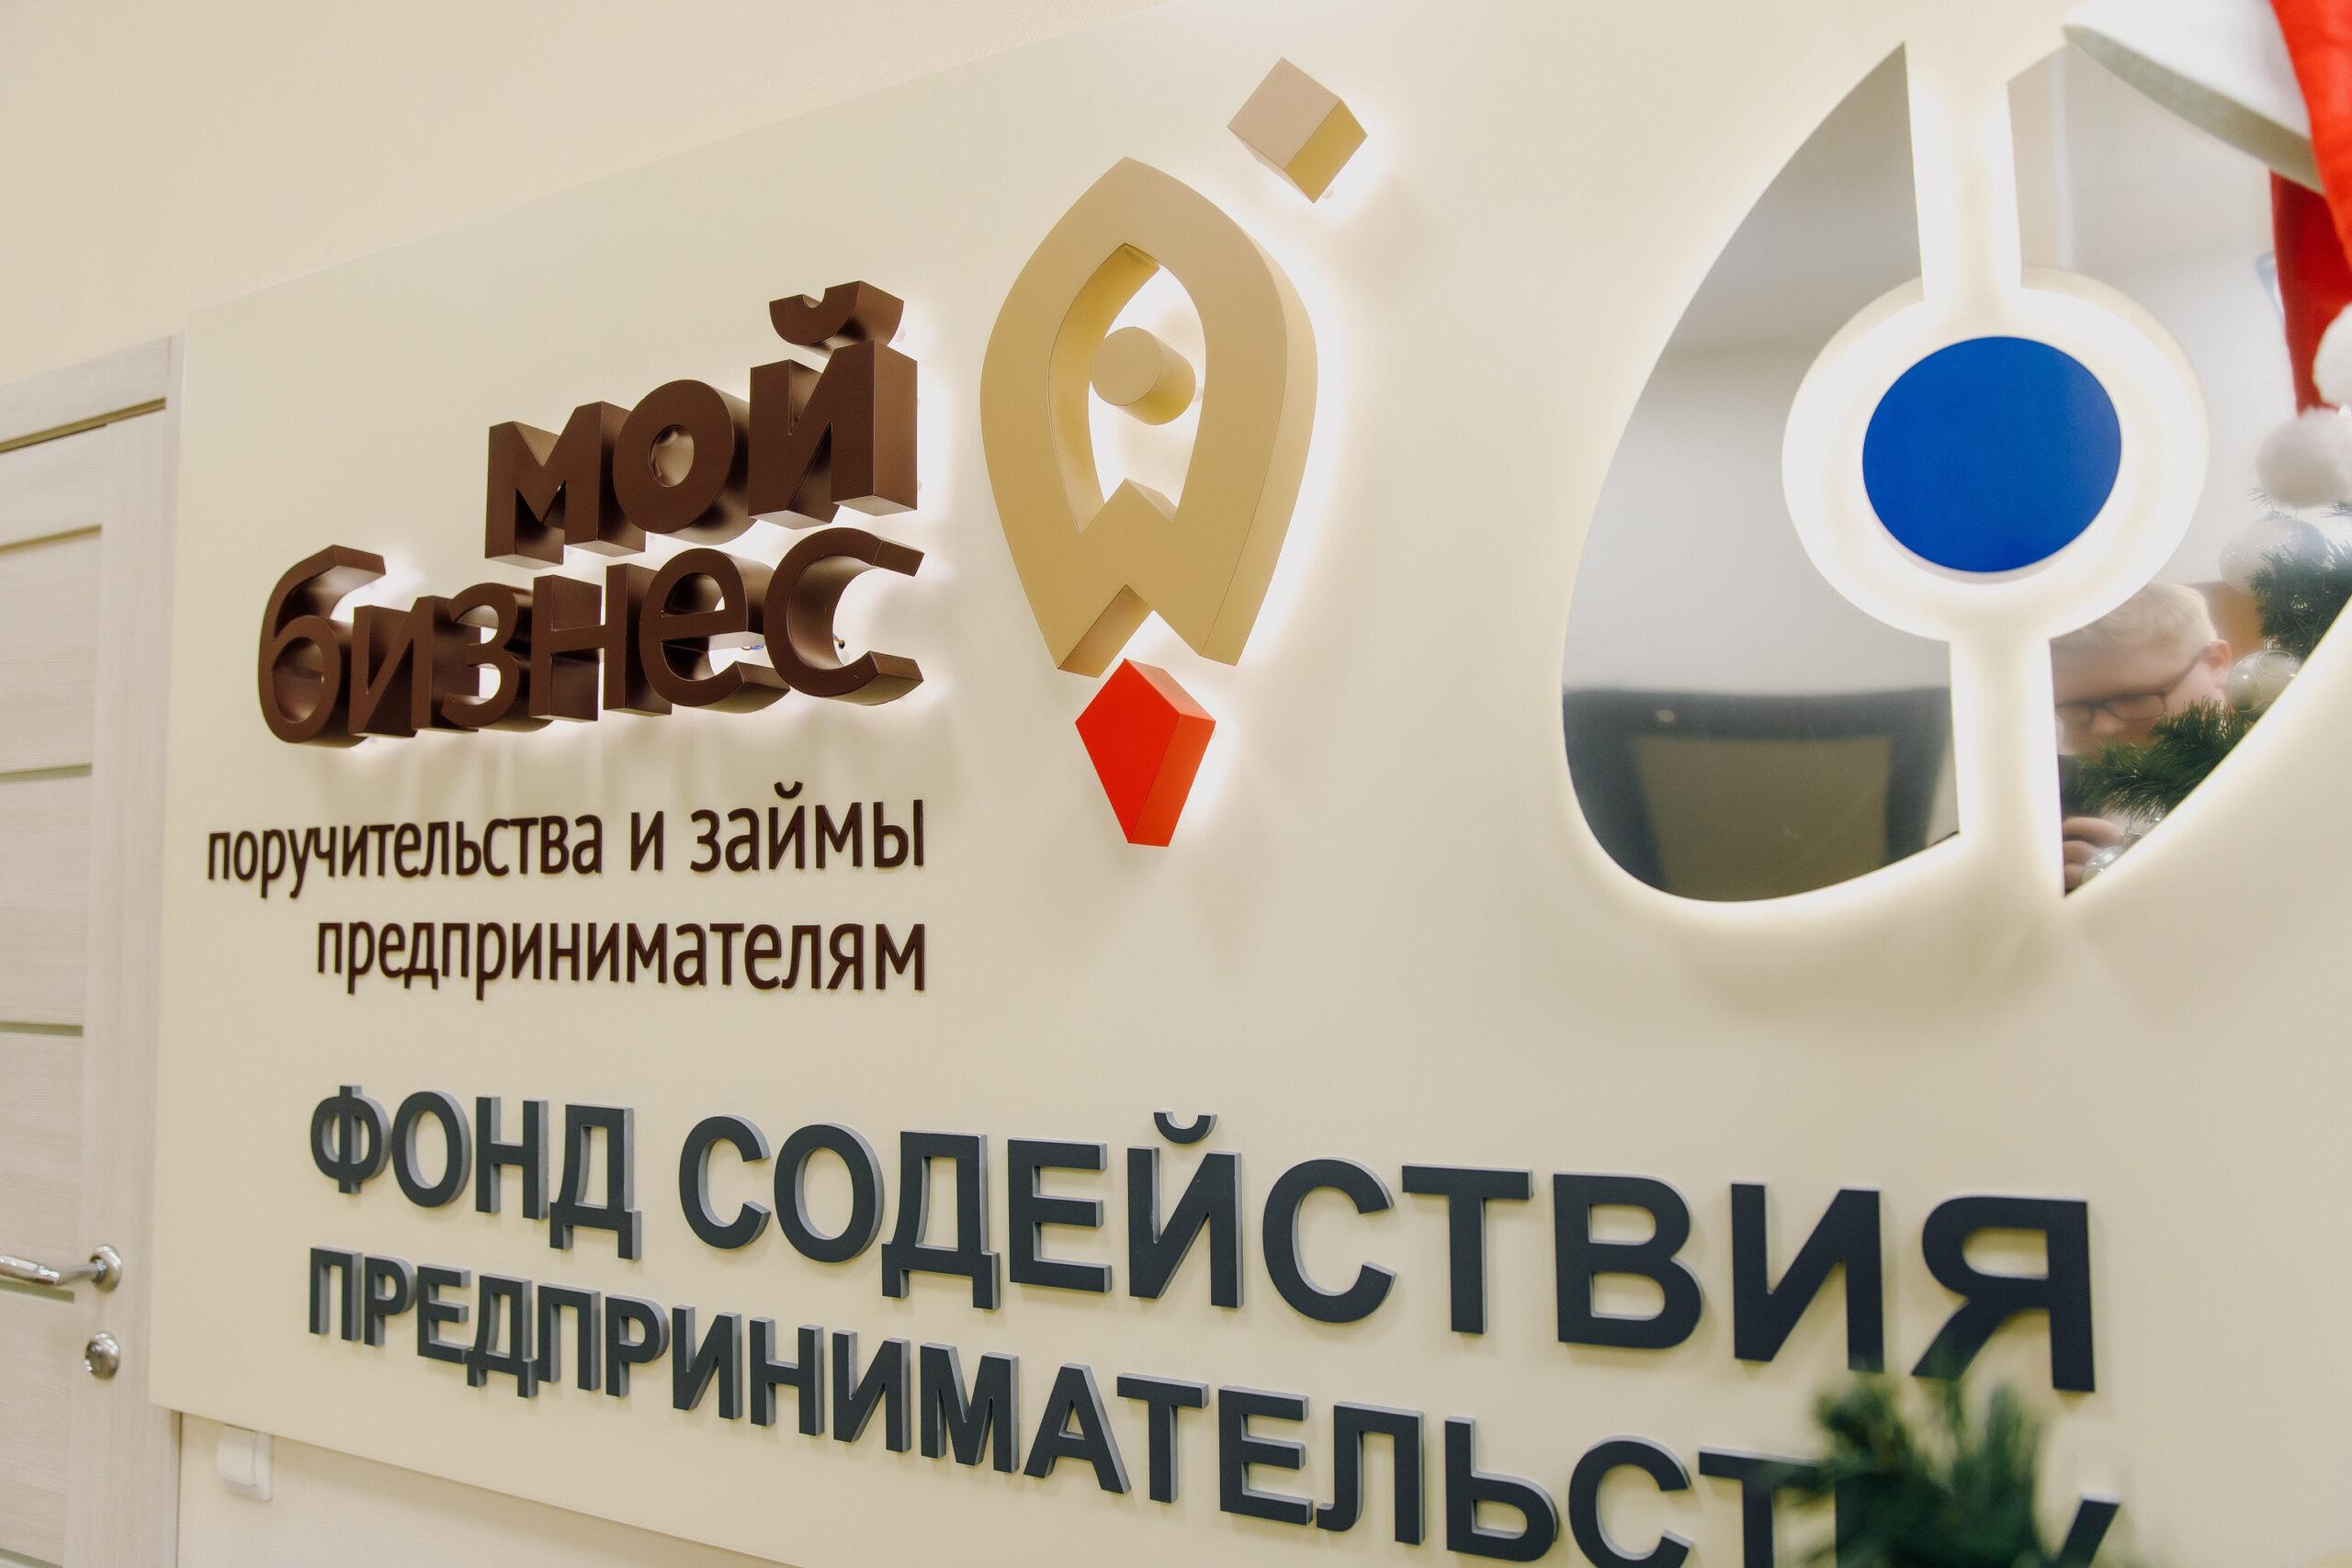 Самозанятые жители Тверской области могут получить займы на льготных условиях